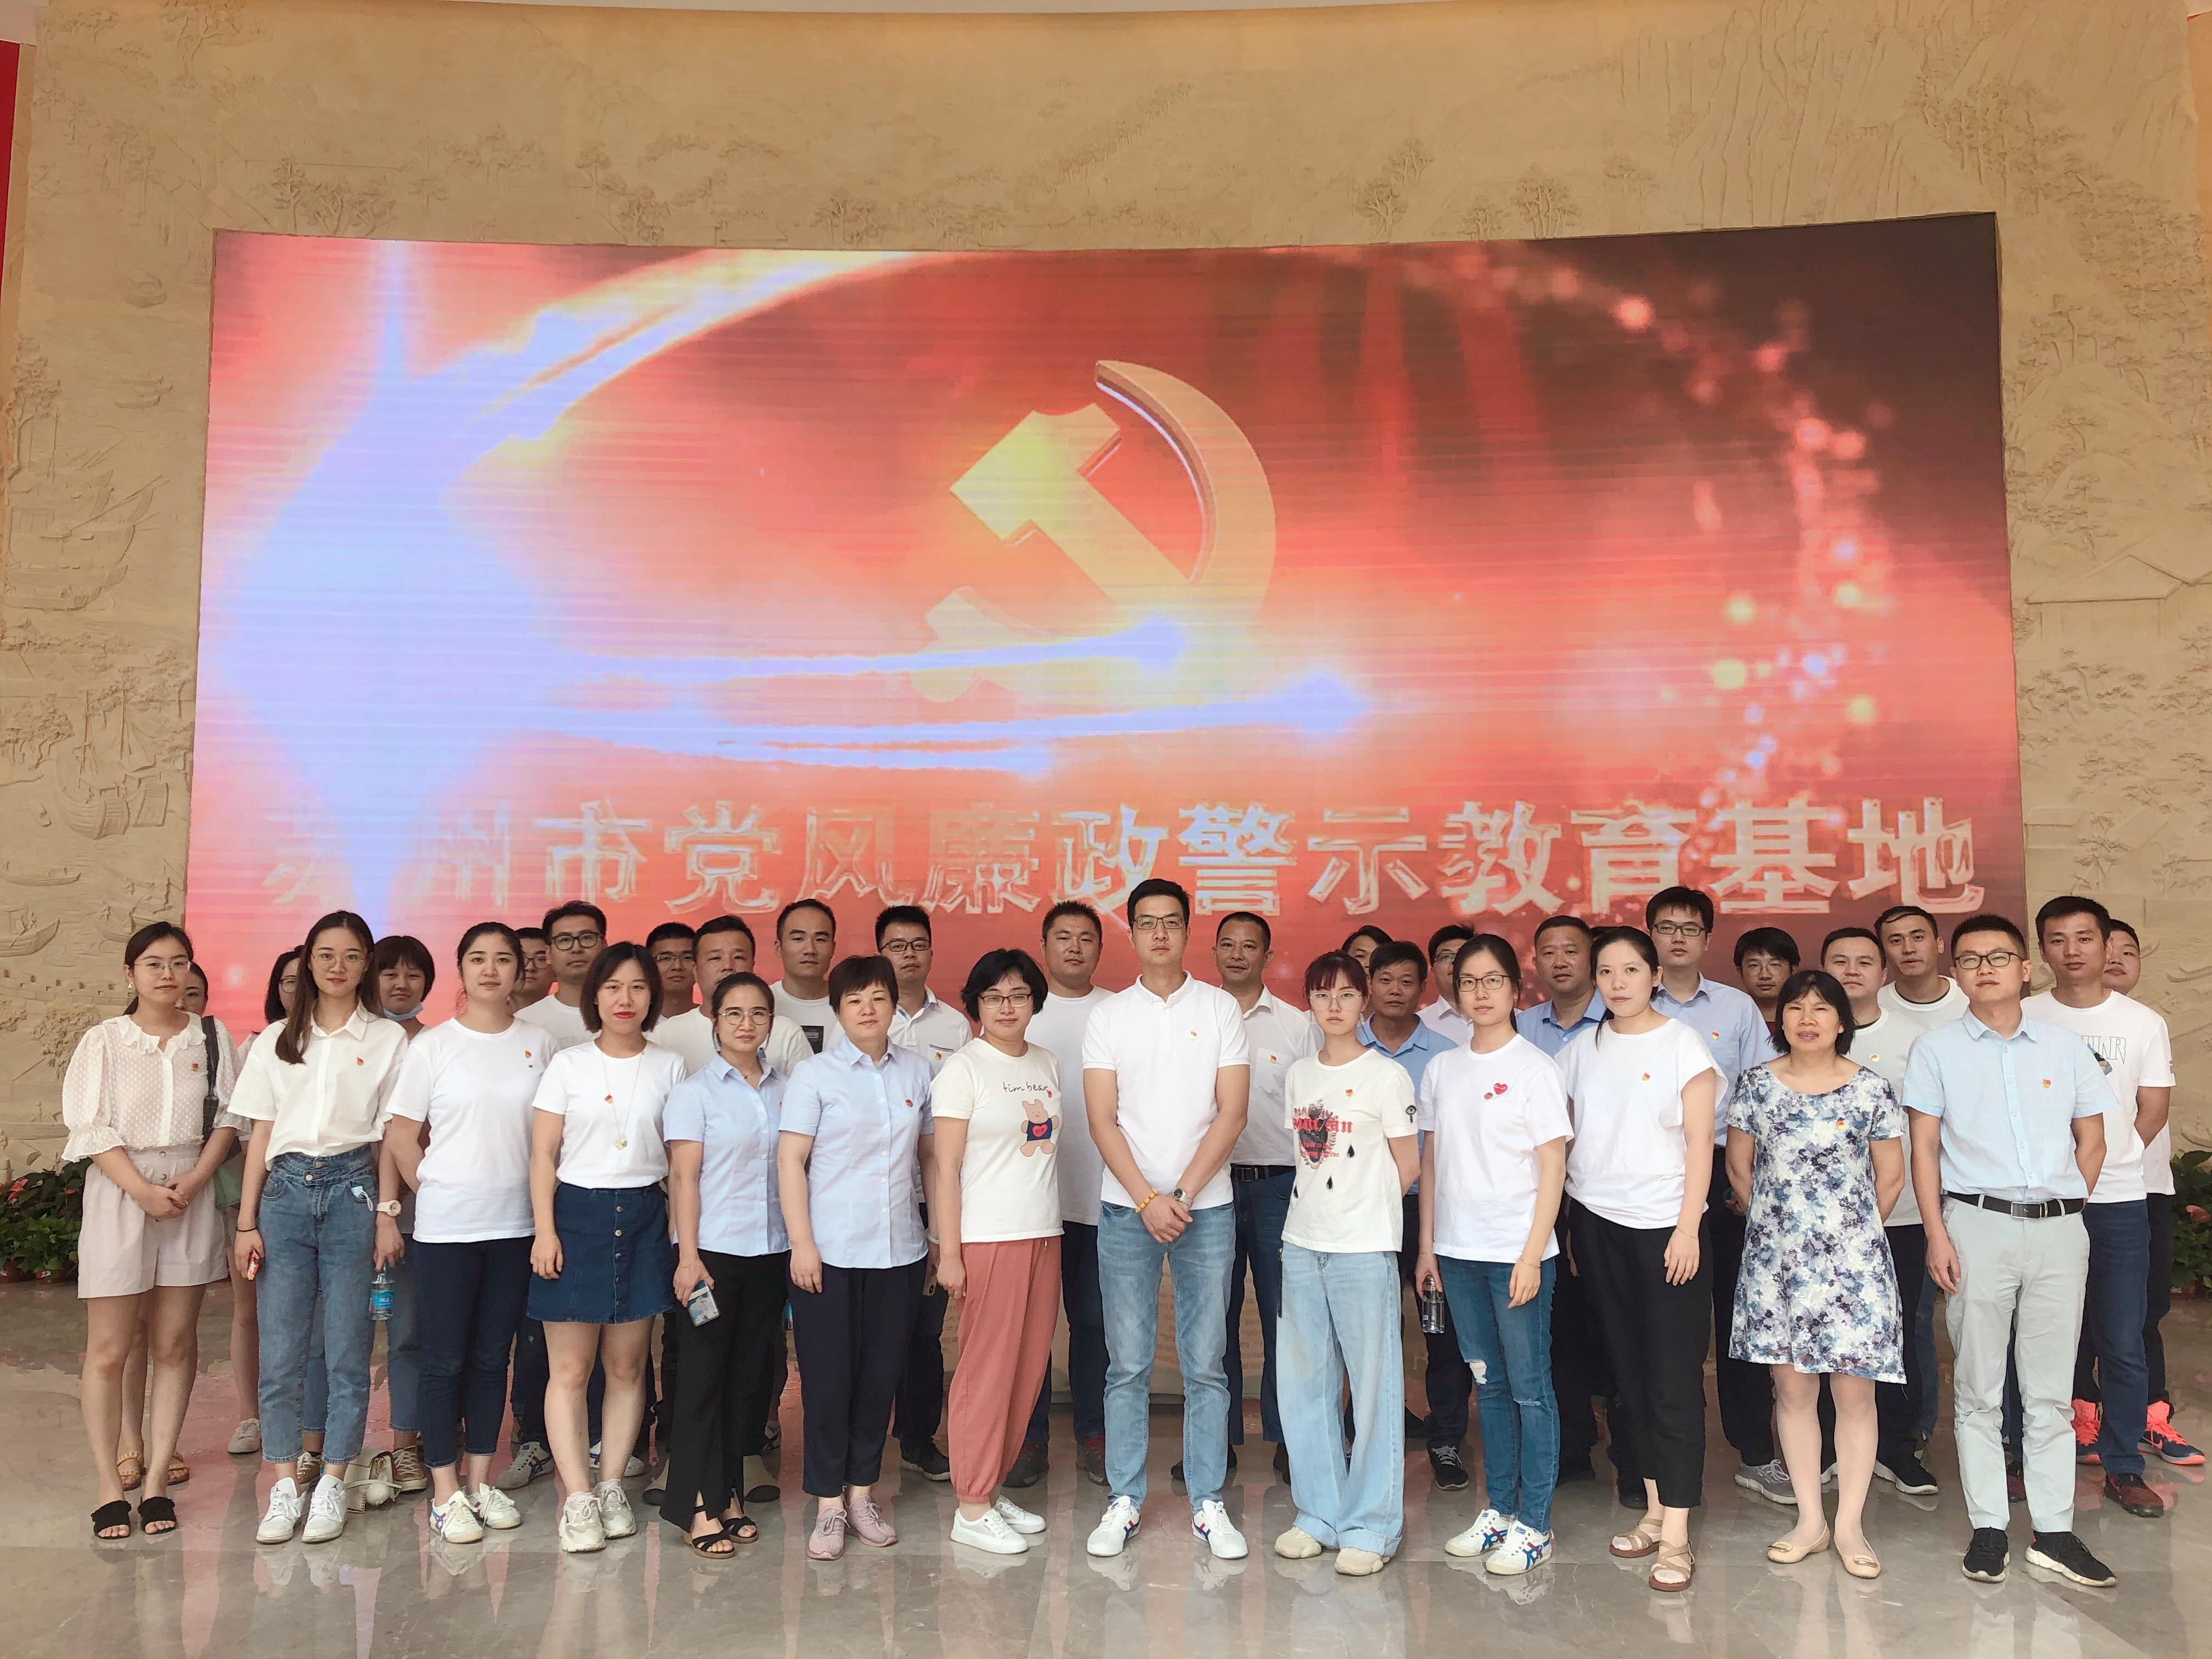 集团动态丨农发集团组织参观苏州市党风廉政警示教育基地